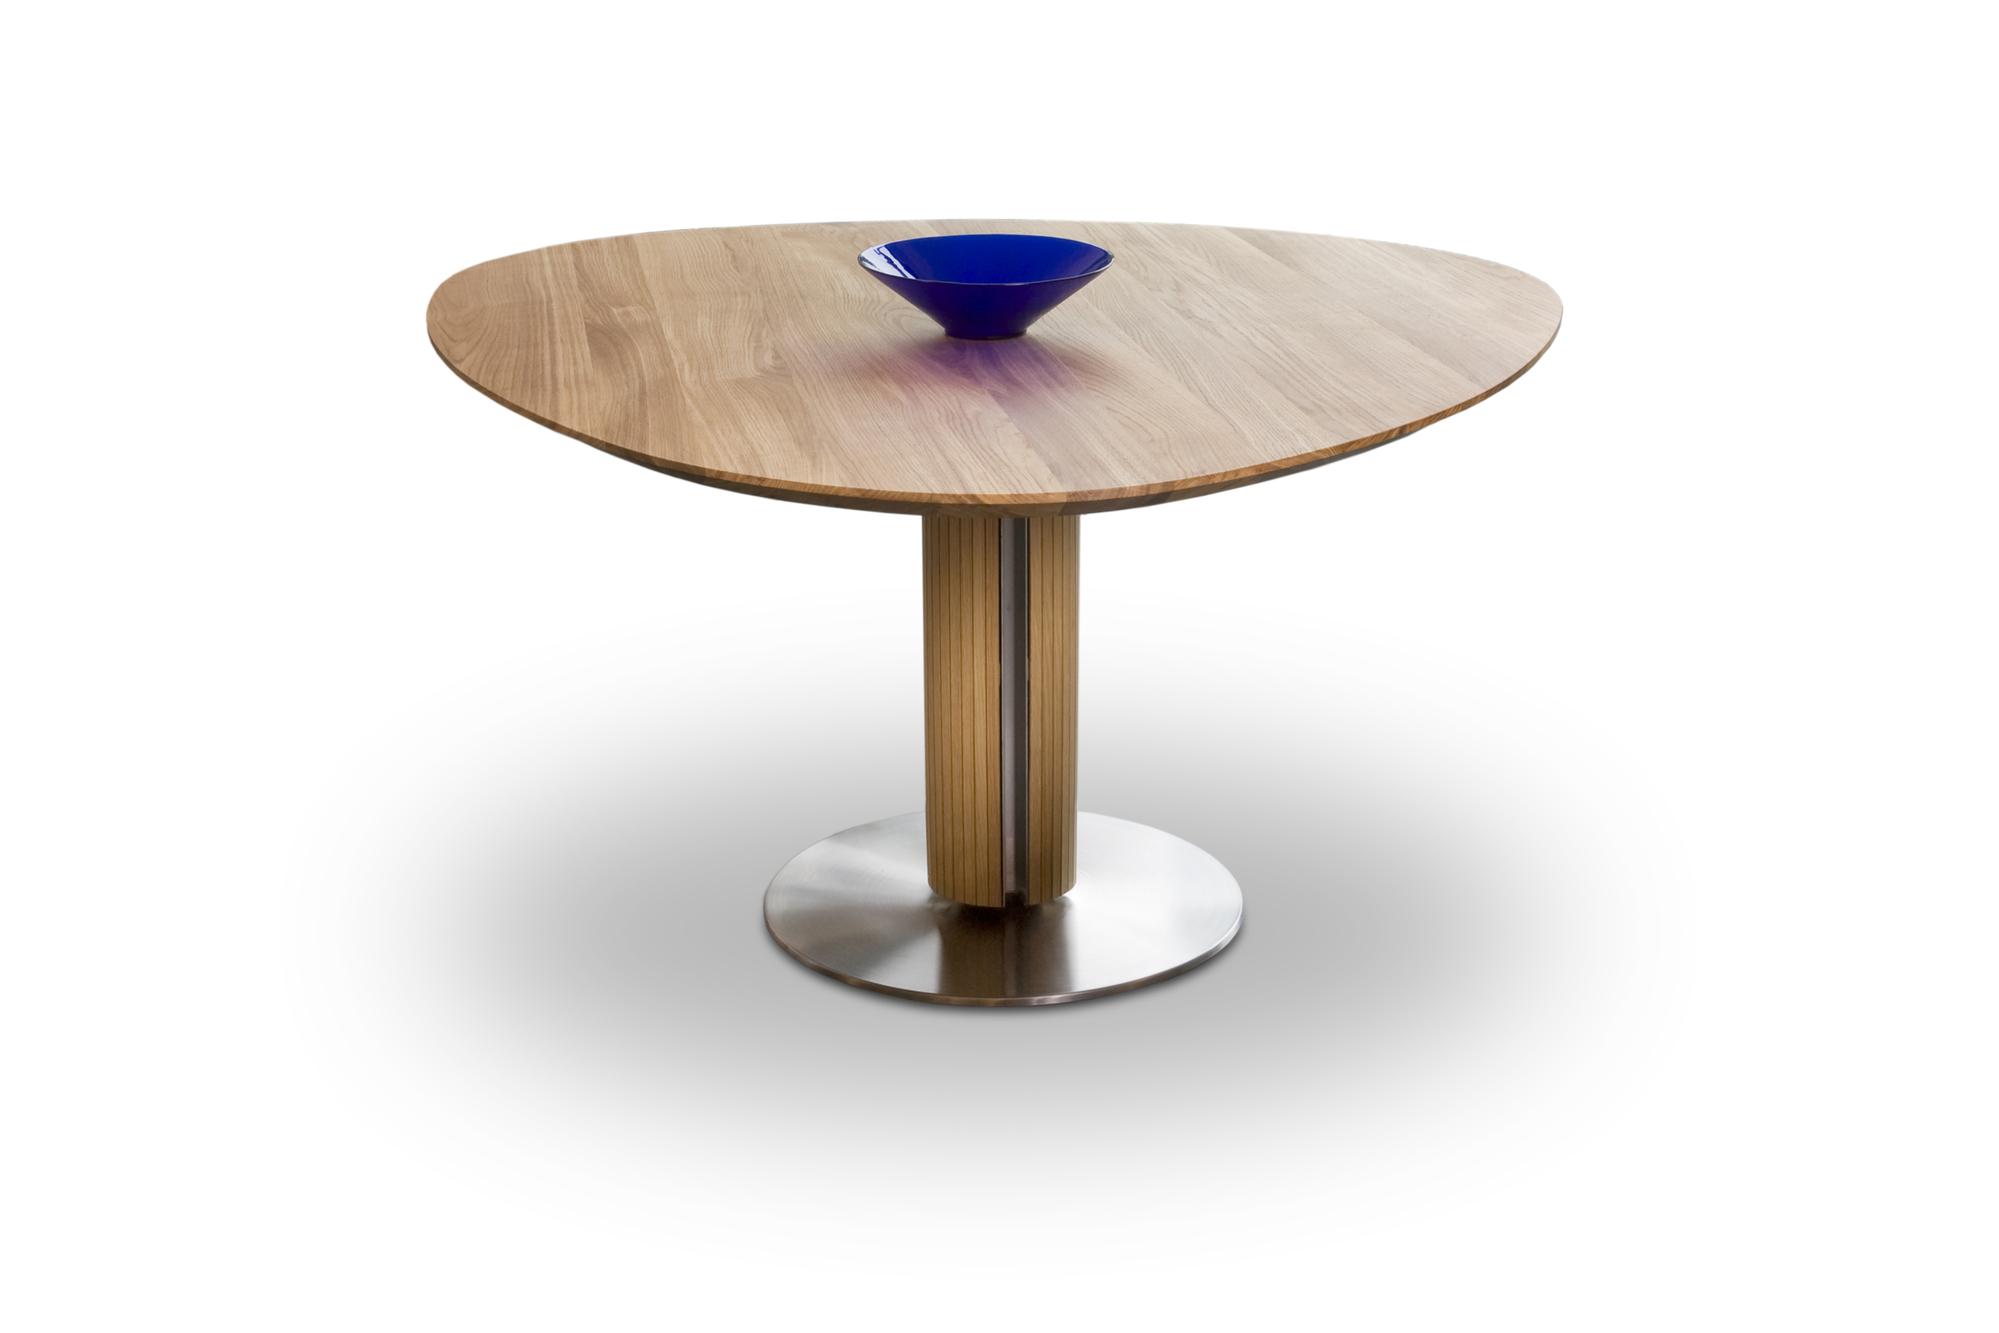 Eiken Tafel Schoonmaken : Eiken tafel schoonmaken best persoon schoonmaken van houten tafel